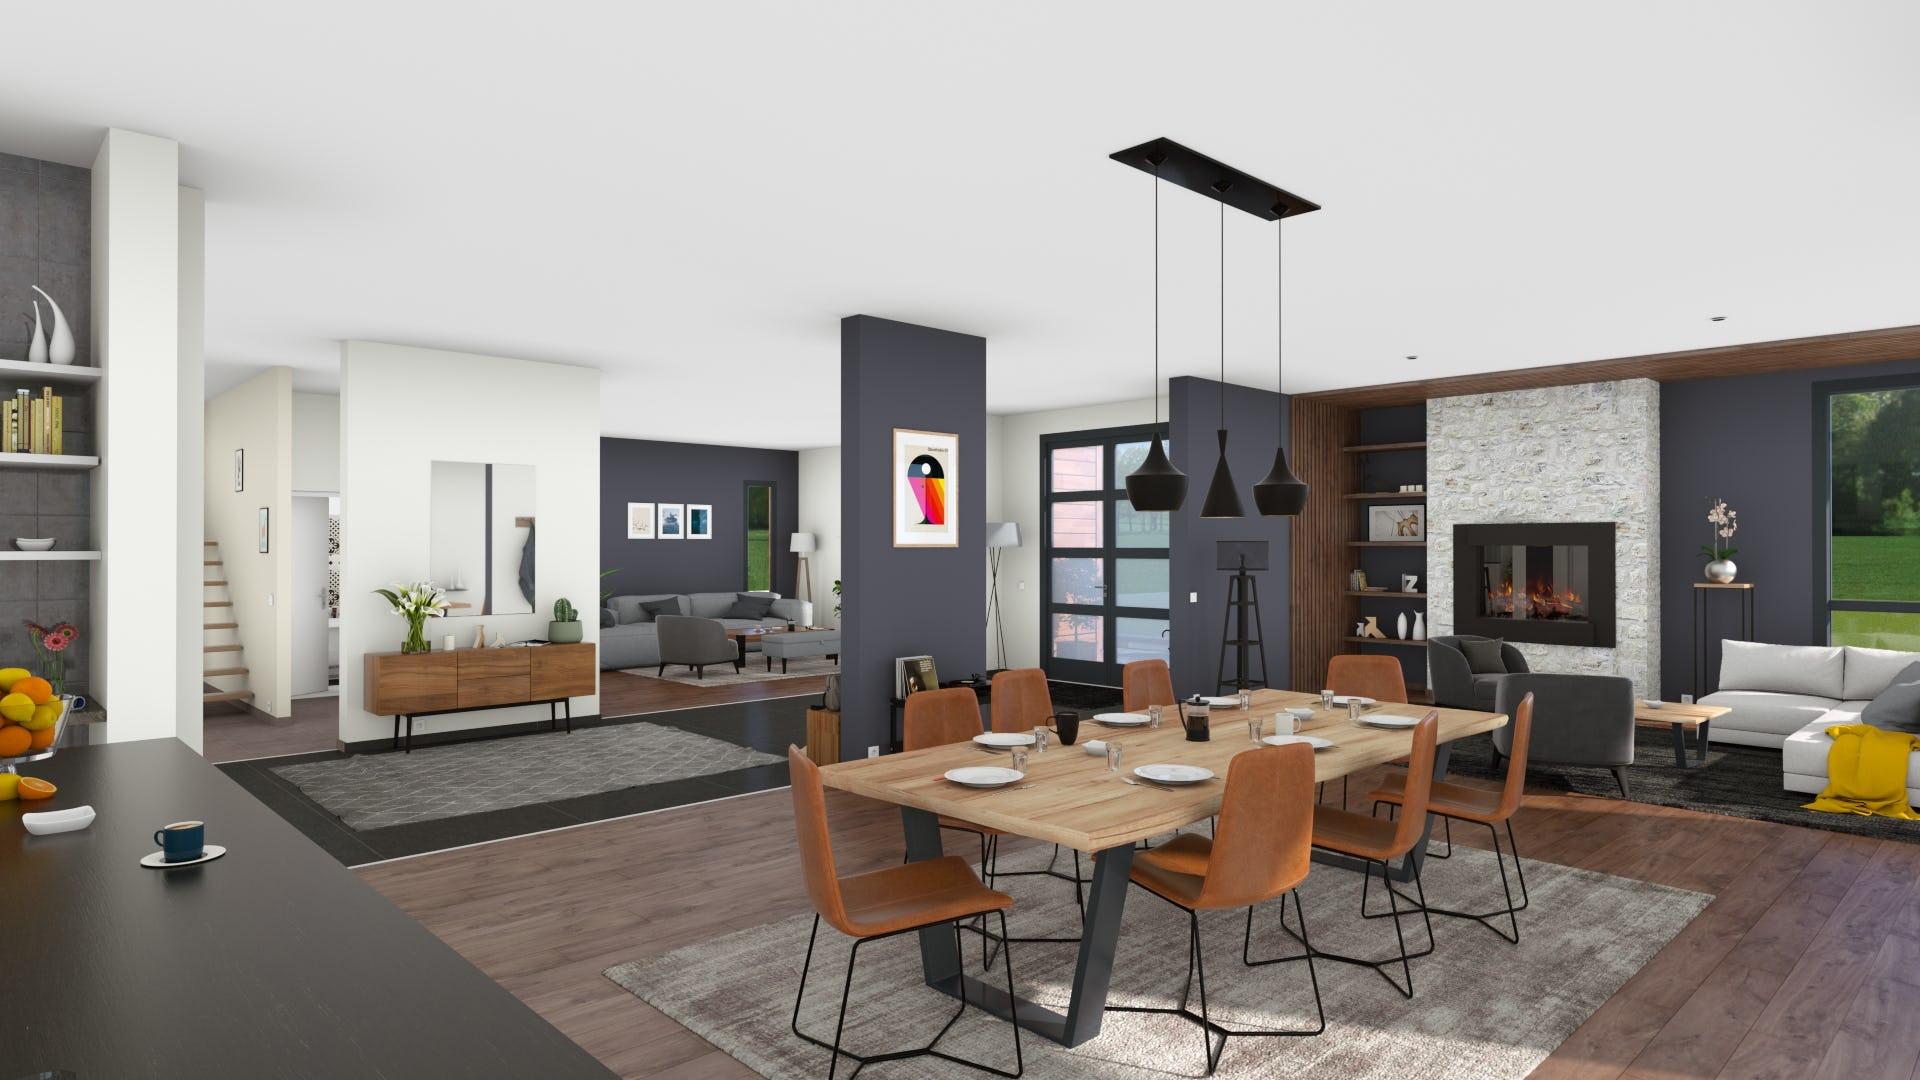 Cedreo Software - Cedreo 3D Interior